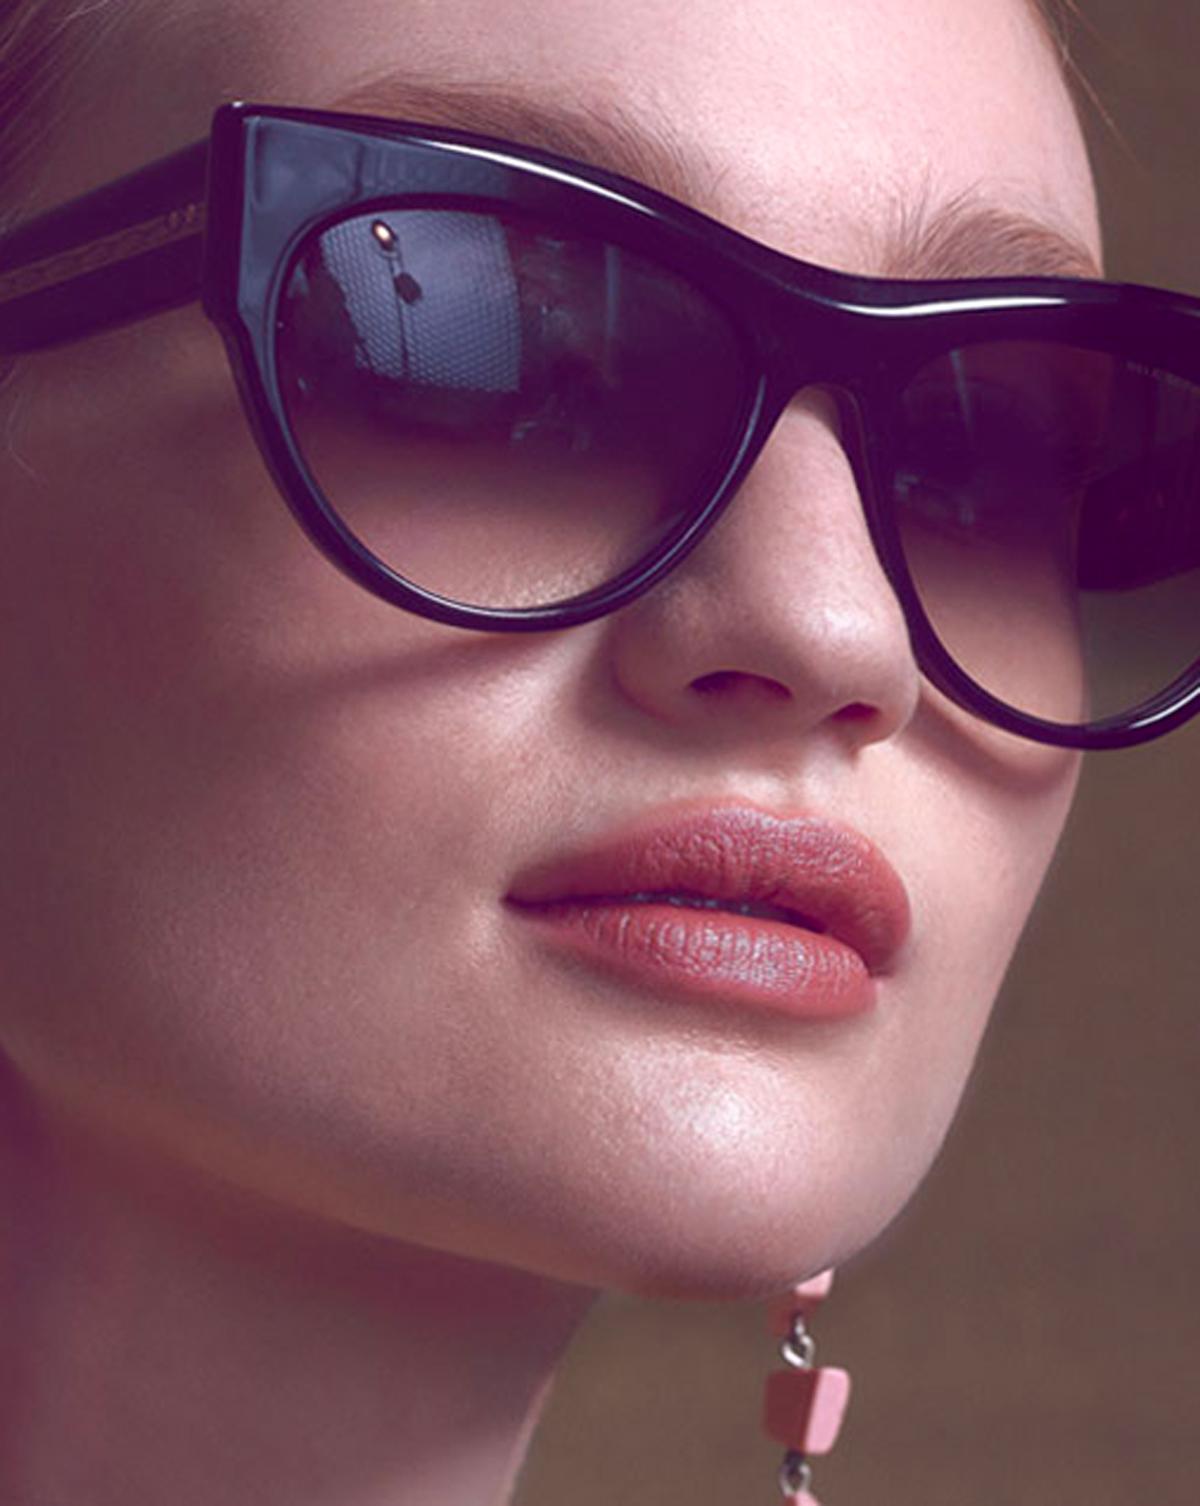 occhiali-da-sole-e-da-vista-dita-centri-ottici-belotti-ottica-udito-canton-ticino-dita-430x540-1